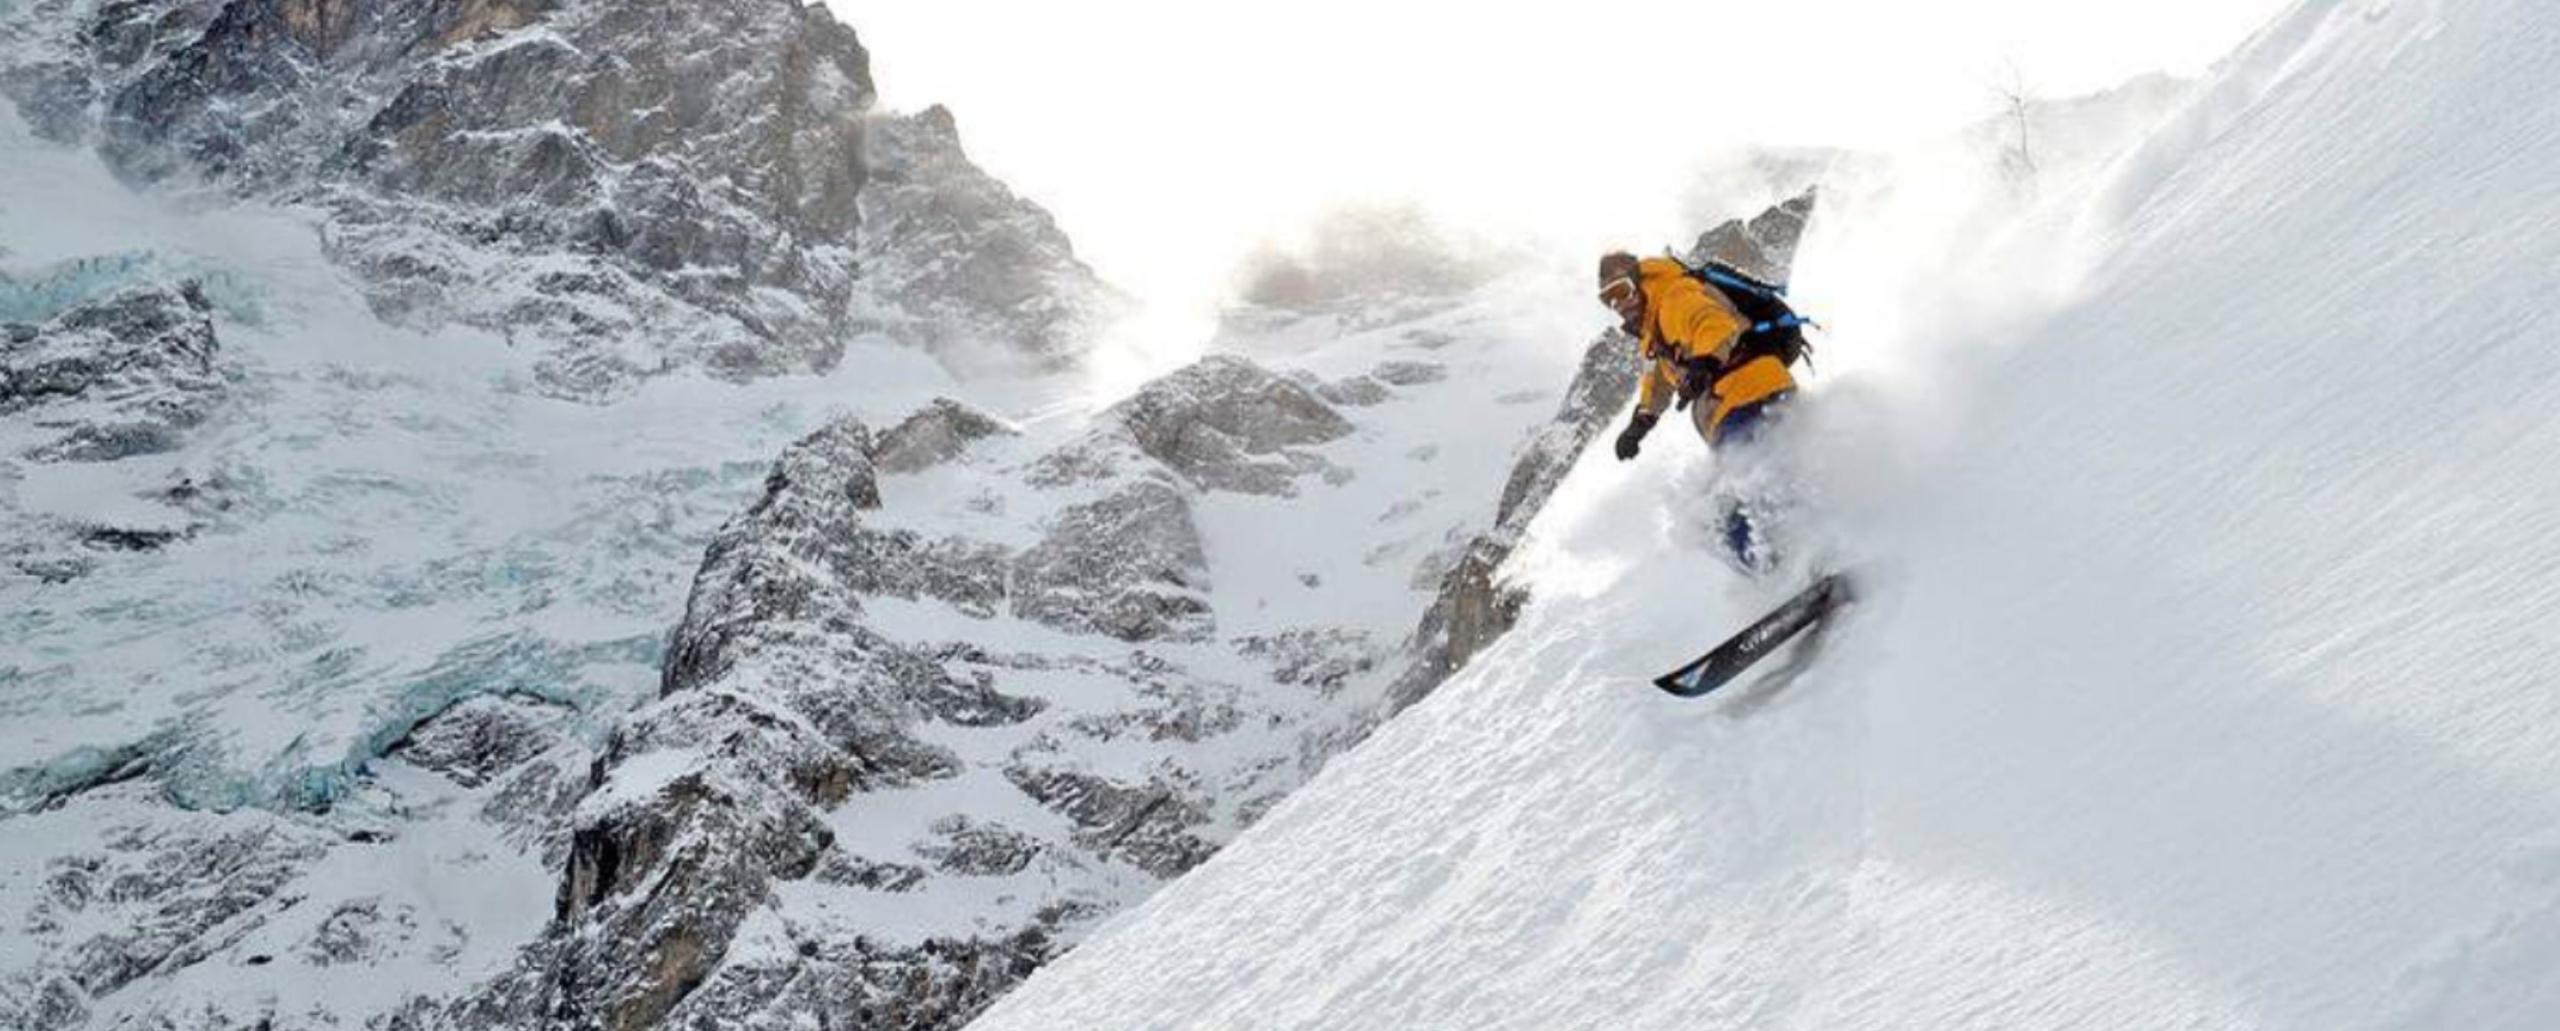 AMBASSADEUR COVER GUIDE MATHIEU BENIZEAU BUS TRIP PICTURE SNOWLEGEND LA GRAVE